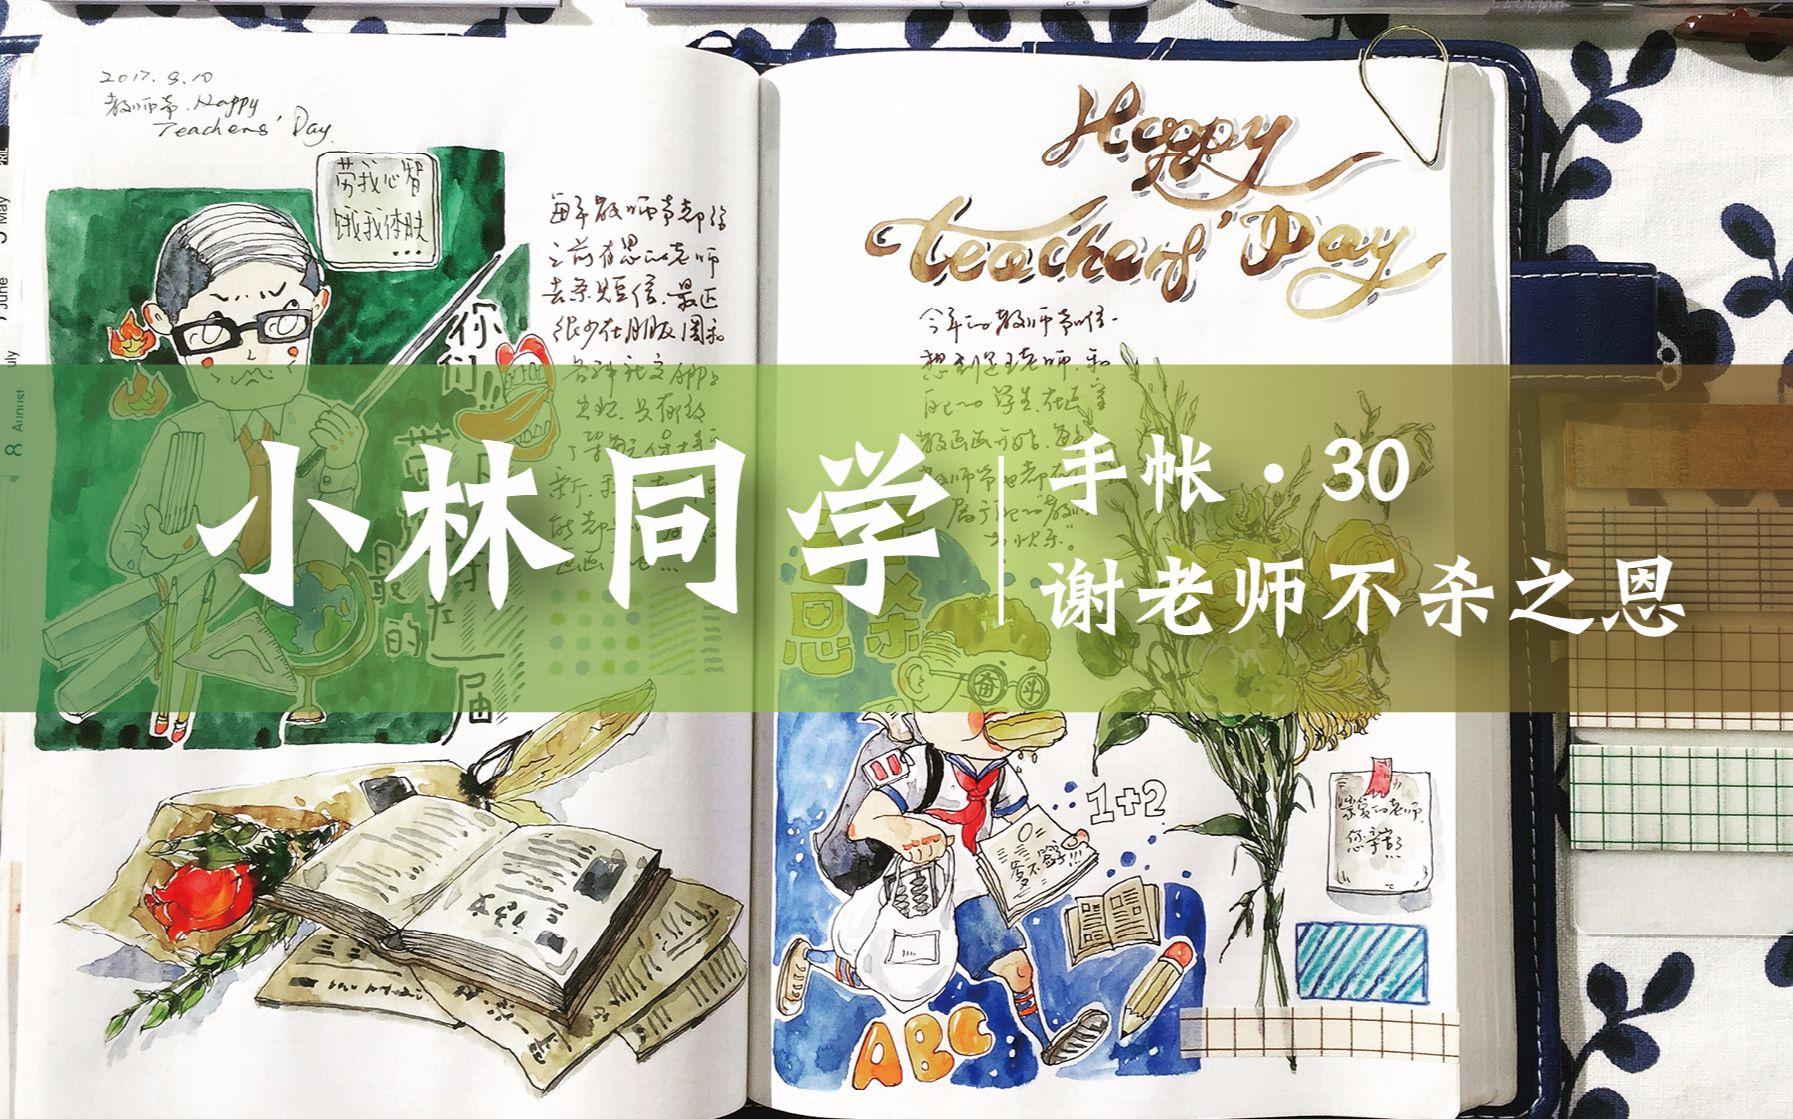 【小林手帐30】 谢老师不杀之恩——纯手绘手帐图片